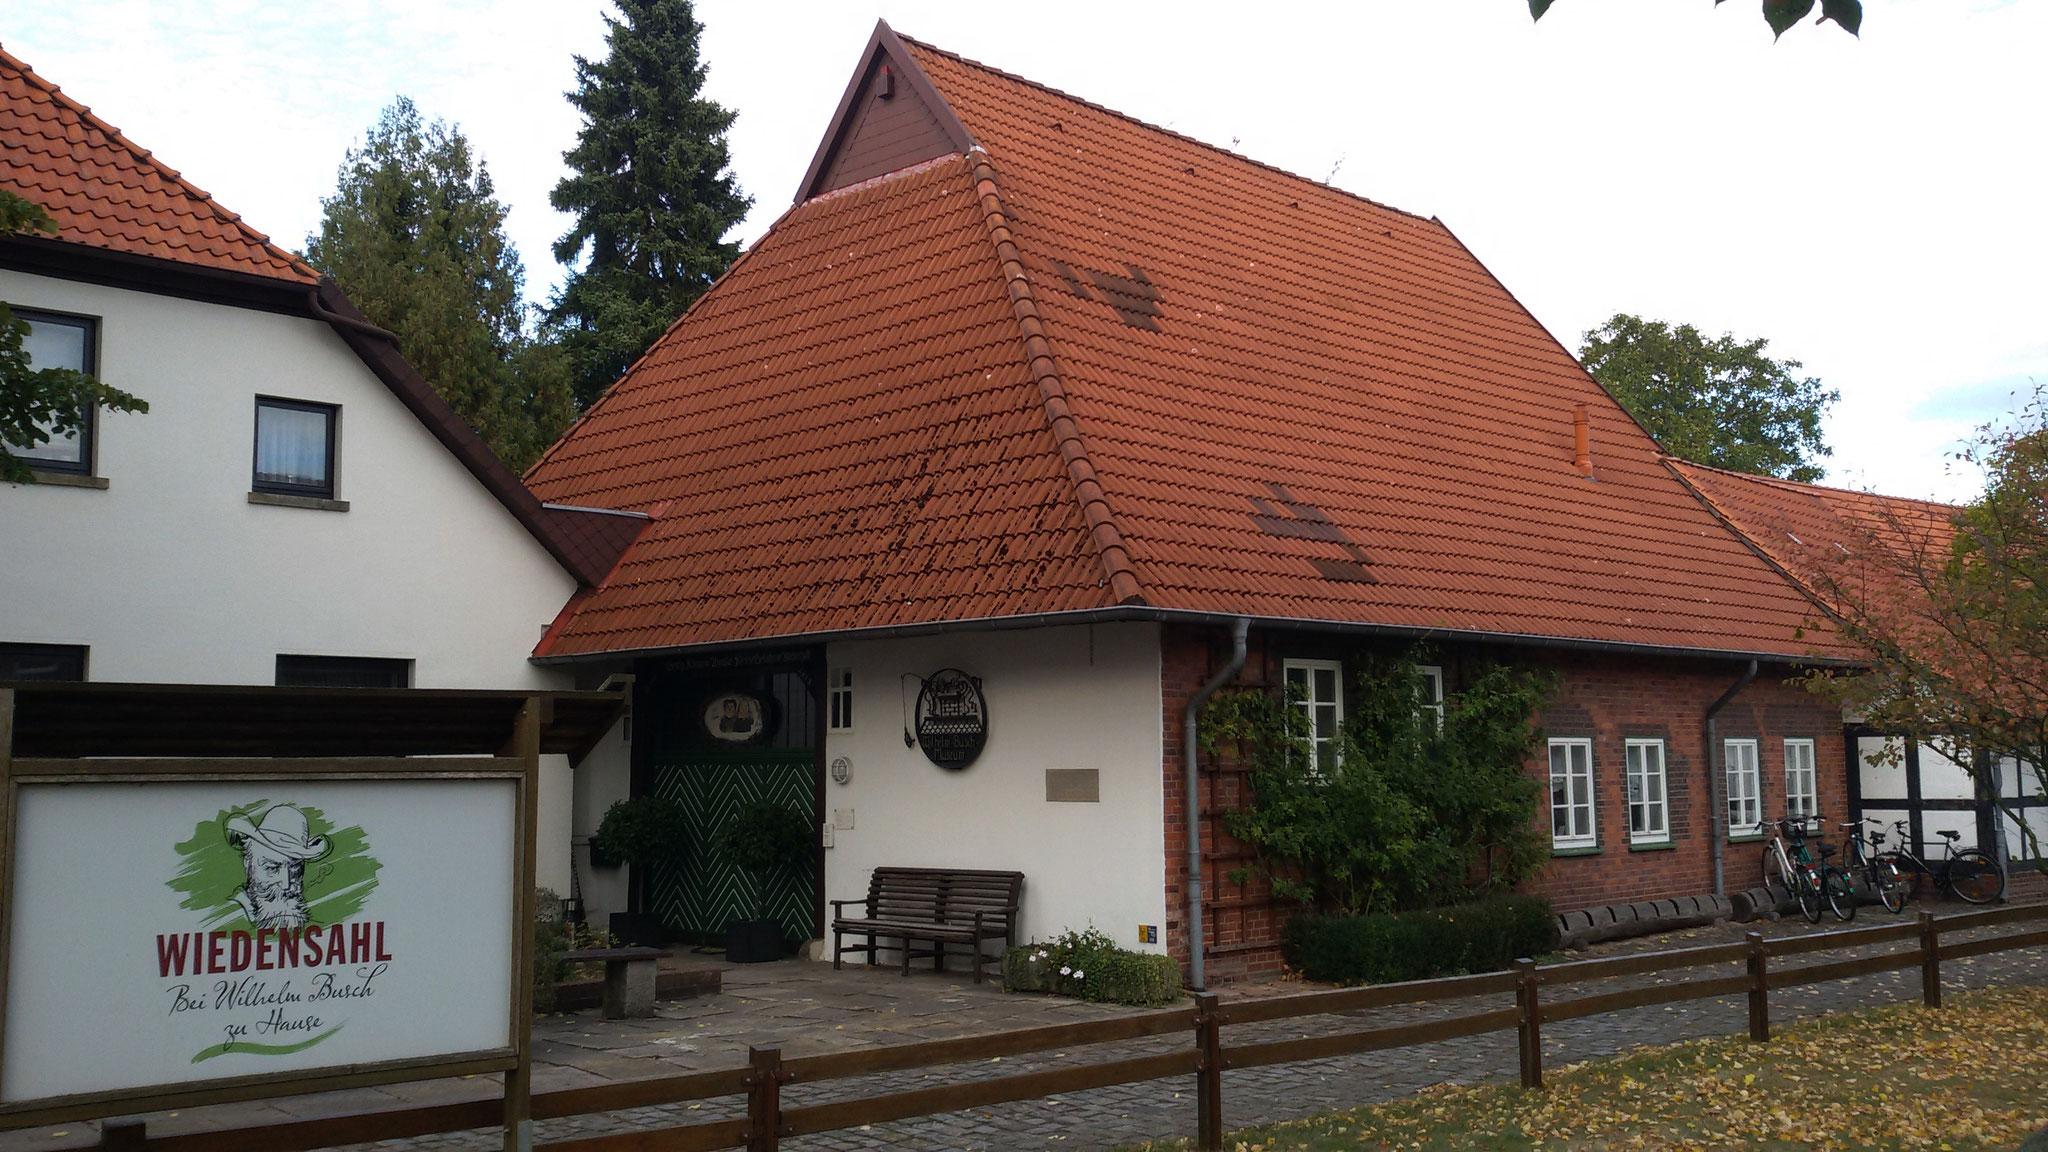 am Geburtshaus von Wilhelm Busch in Wiedensahl